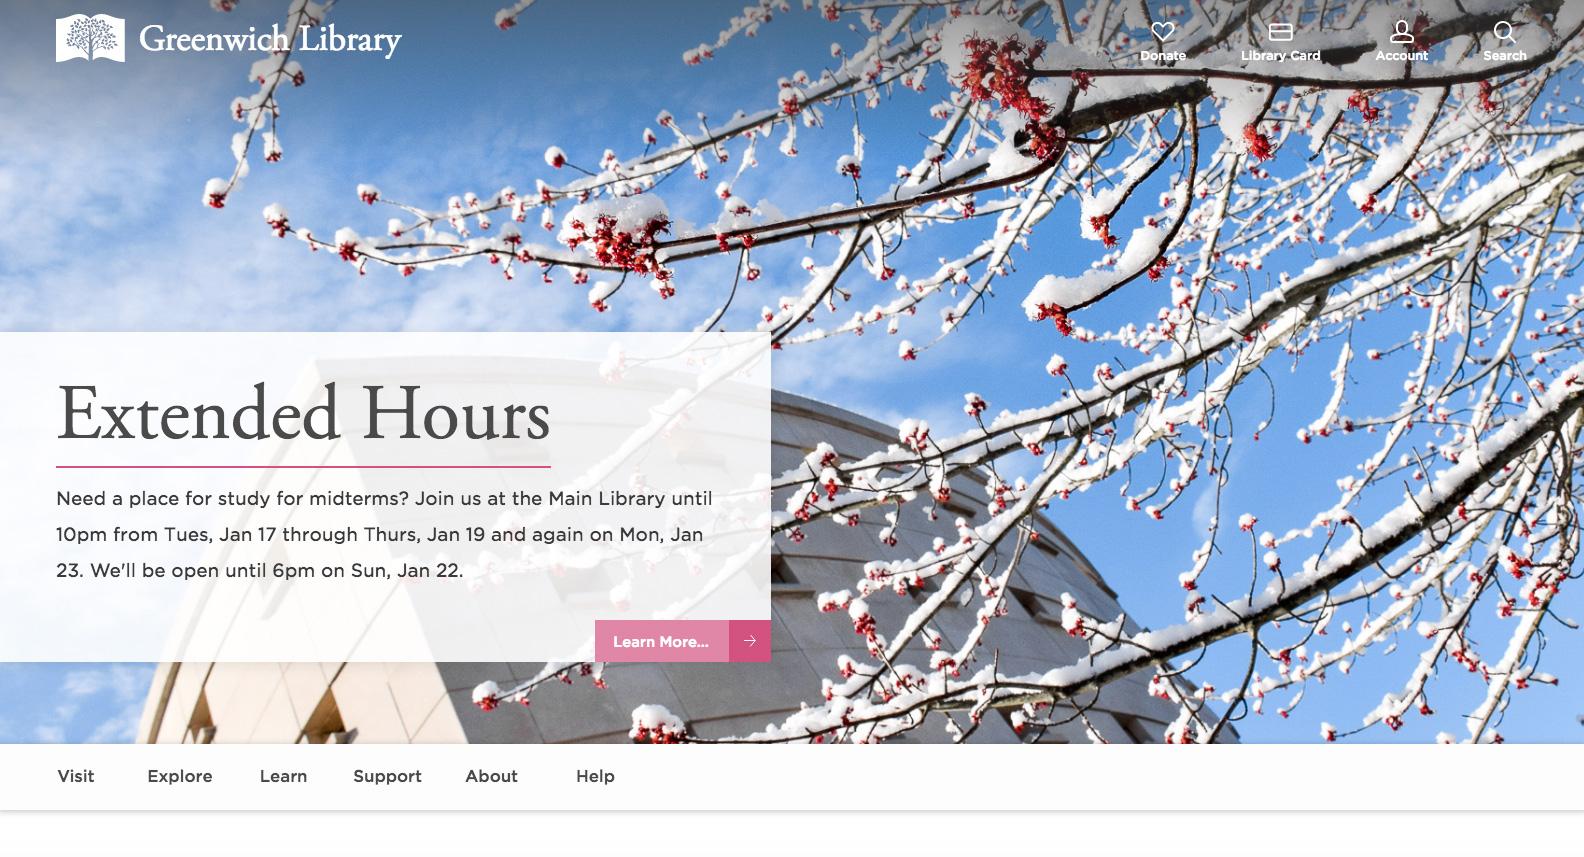 """Attēlu rezultāti vaicājumam """"Greenwich Library creativebloq.com"""""""